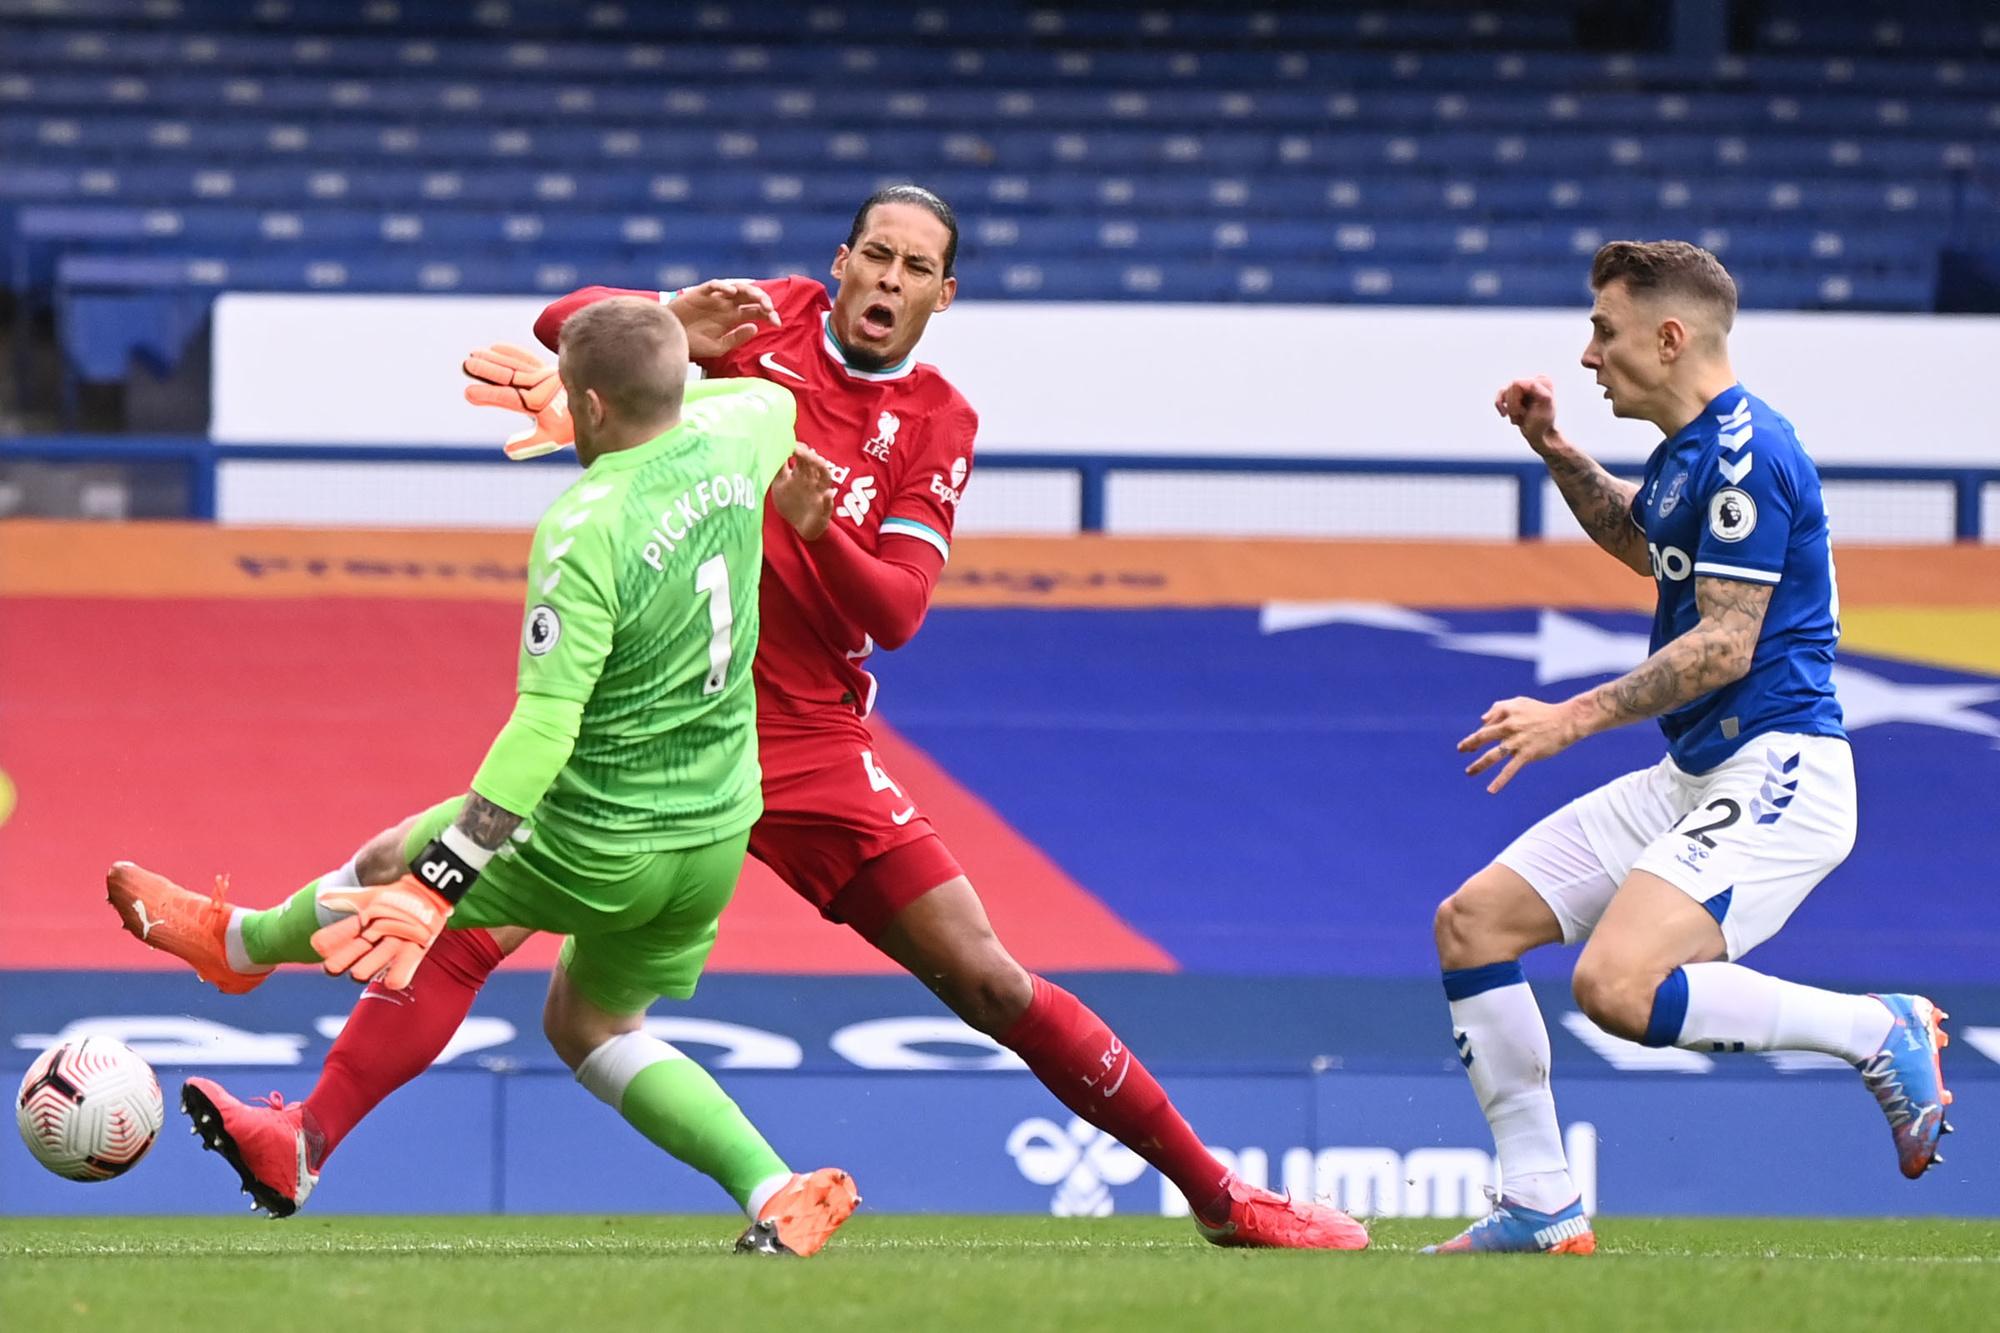 De lelijke tackle van Pickford op Van Dijk, Belga Image/AFP